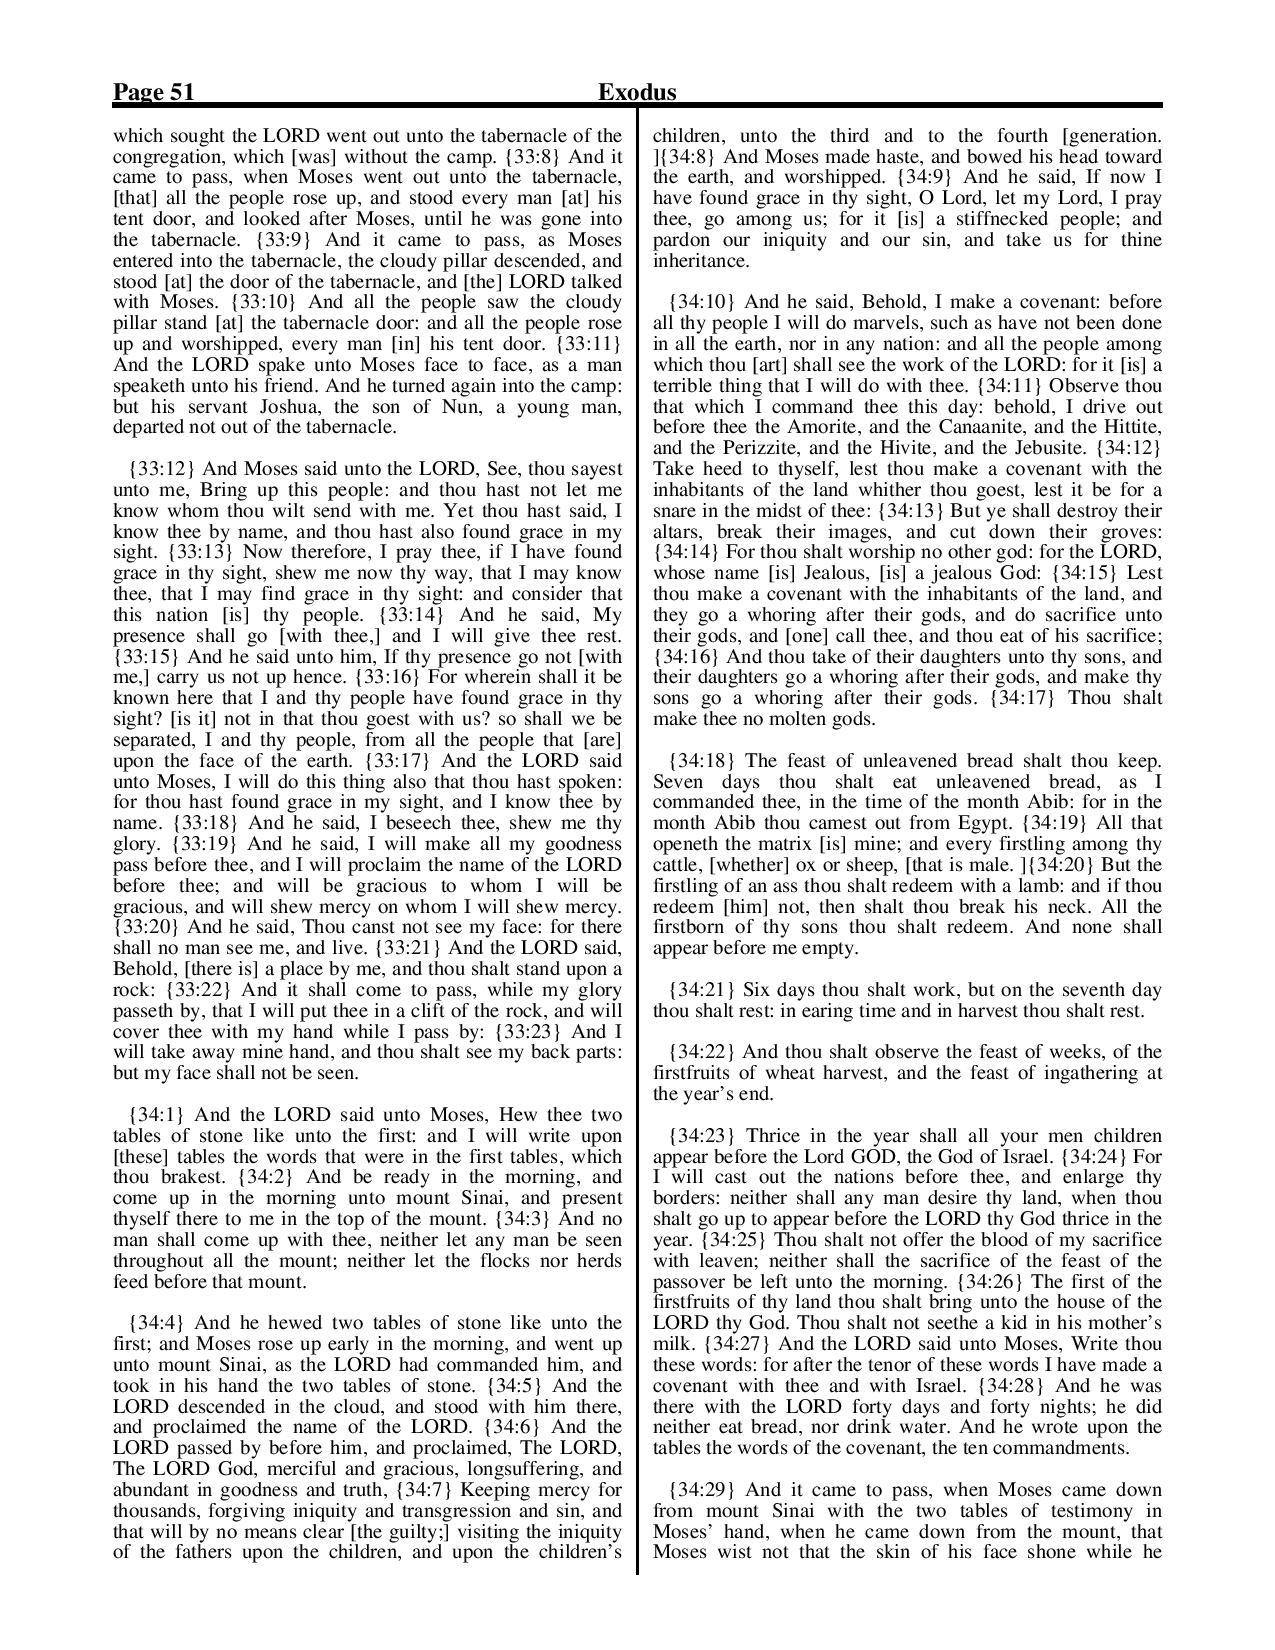 King-James-Bible-KJV-Bible-PDF-page-072